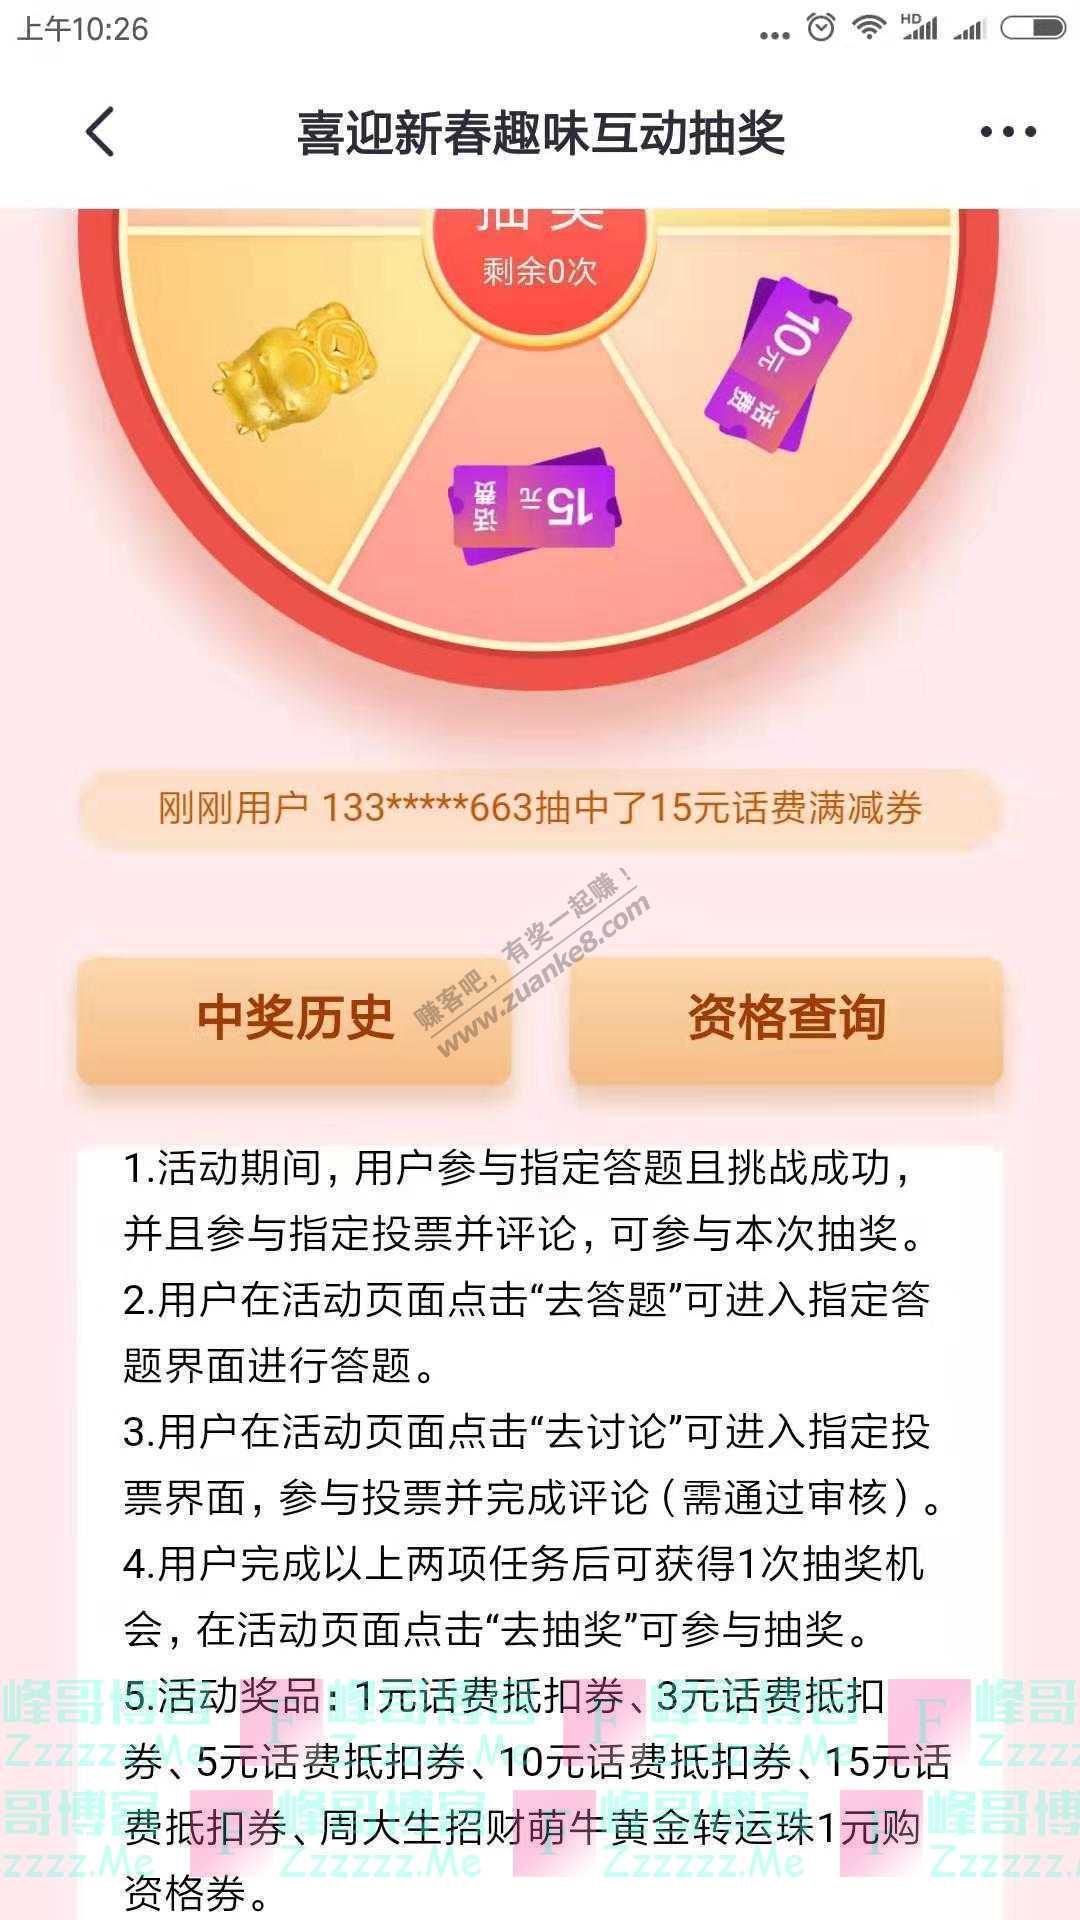 掌上生活app喜迎新春趣味互动抽奖(截止1月31日)